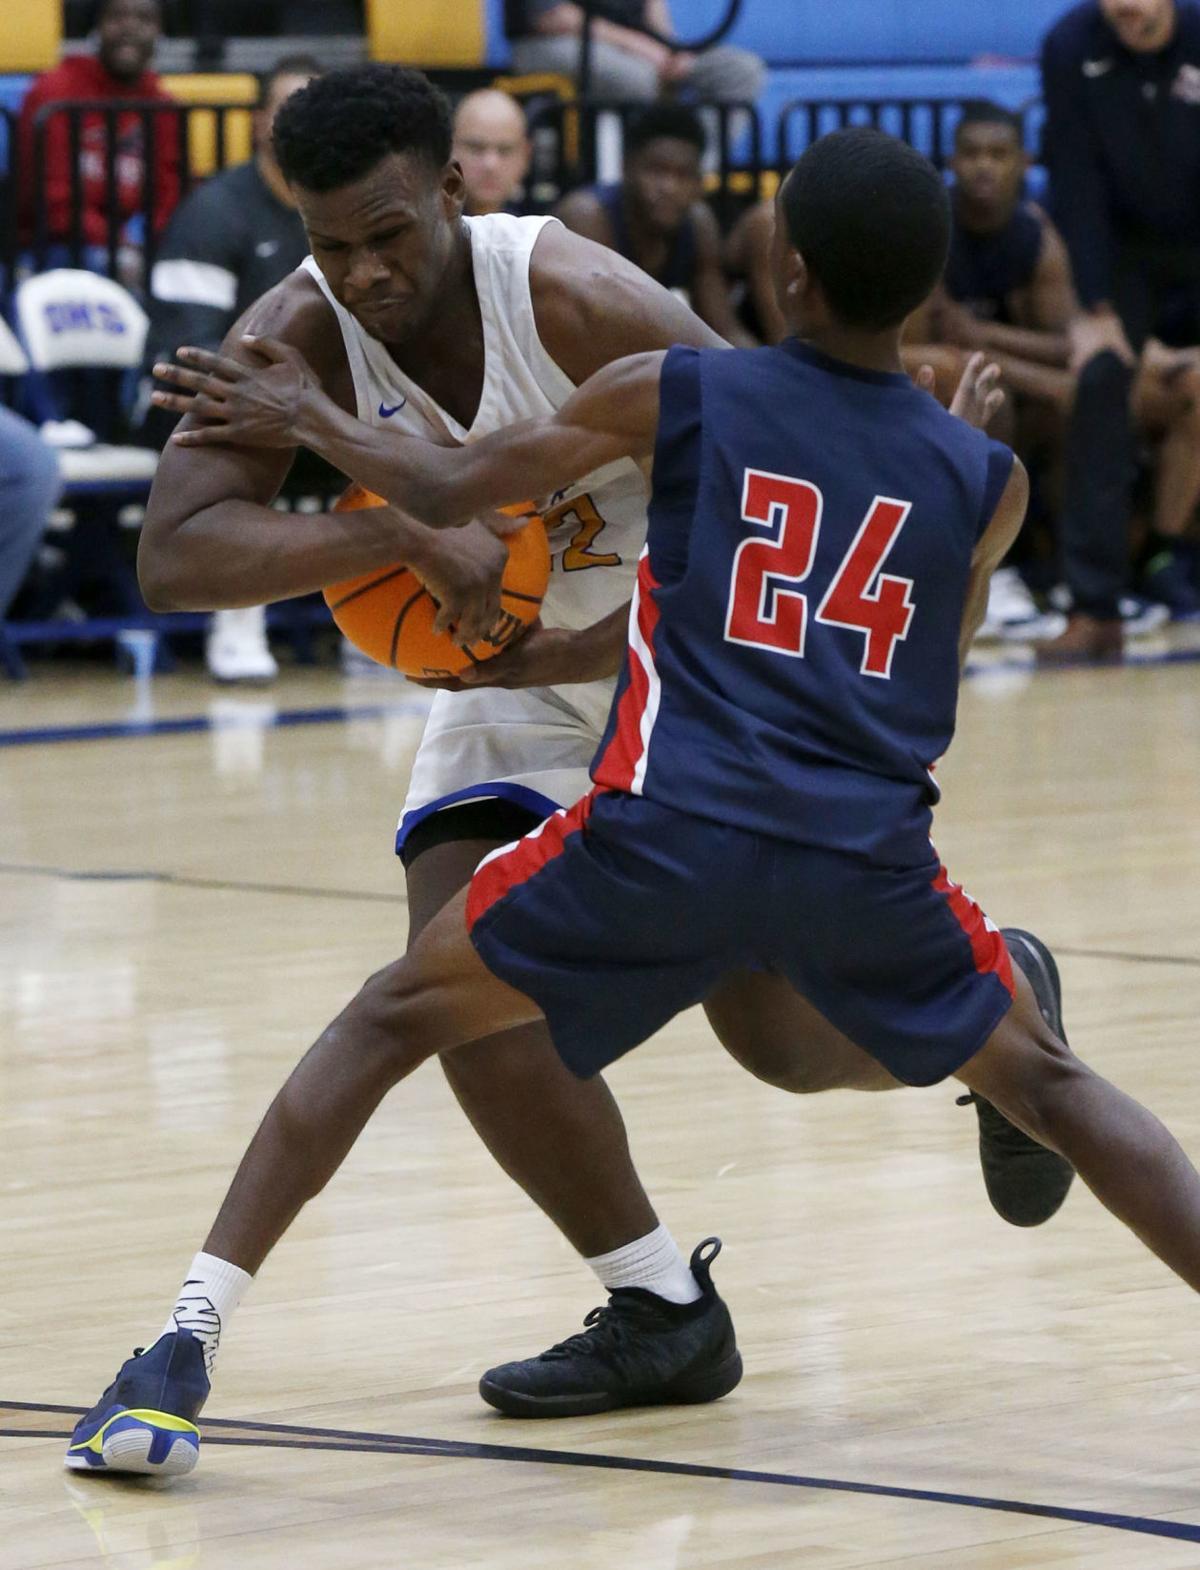 Oologah Basketball tournament